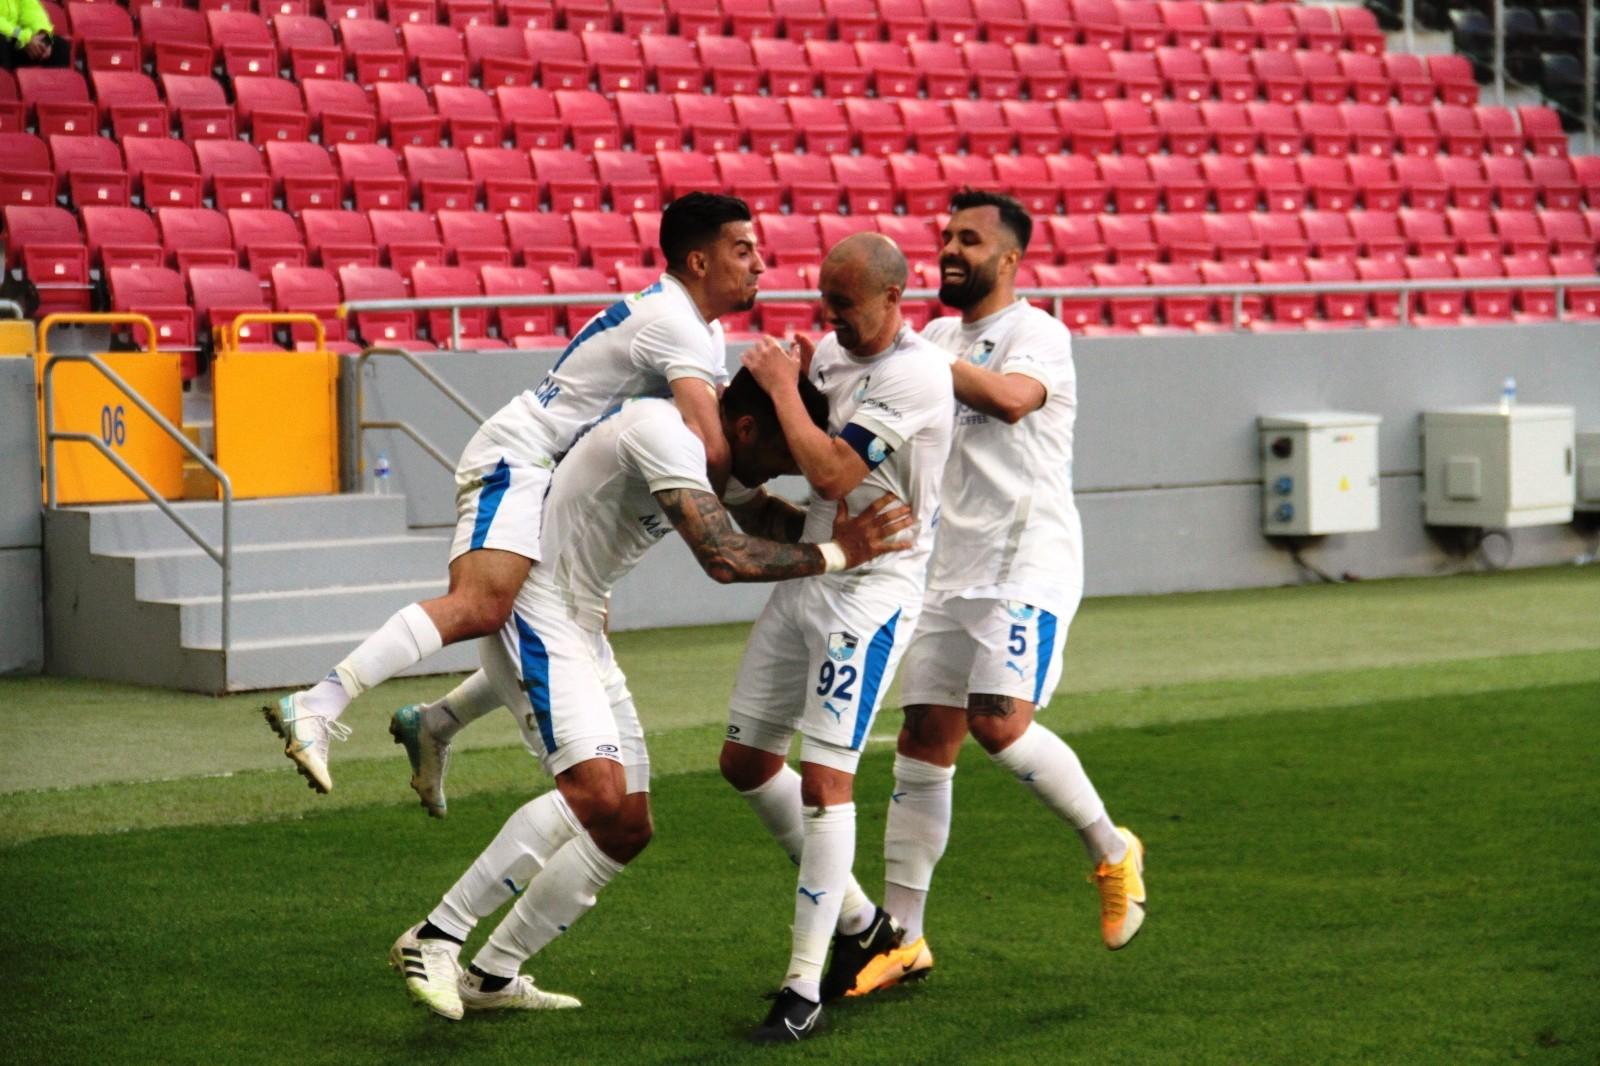 Umutları tükenmek üzere! BB Erzurumspor 9 haftadır kazanamıyor